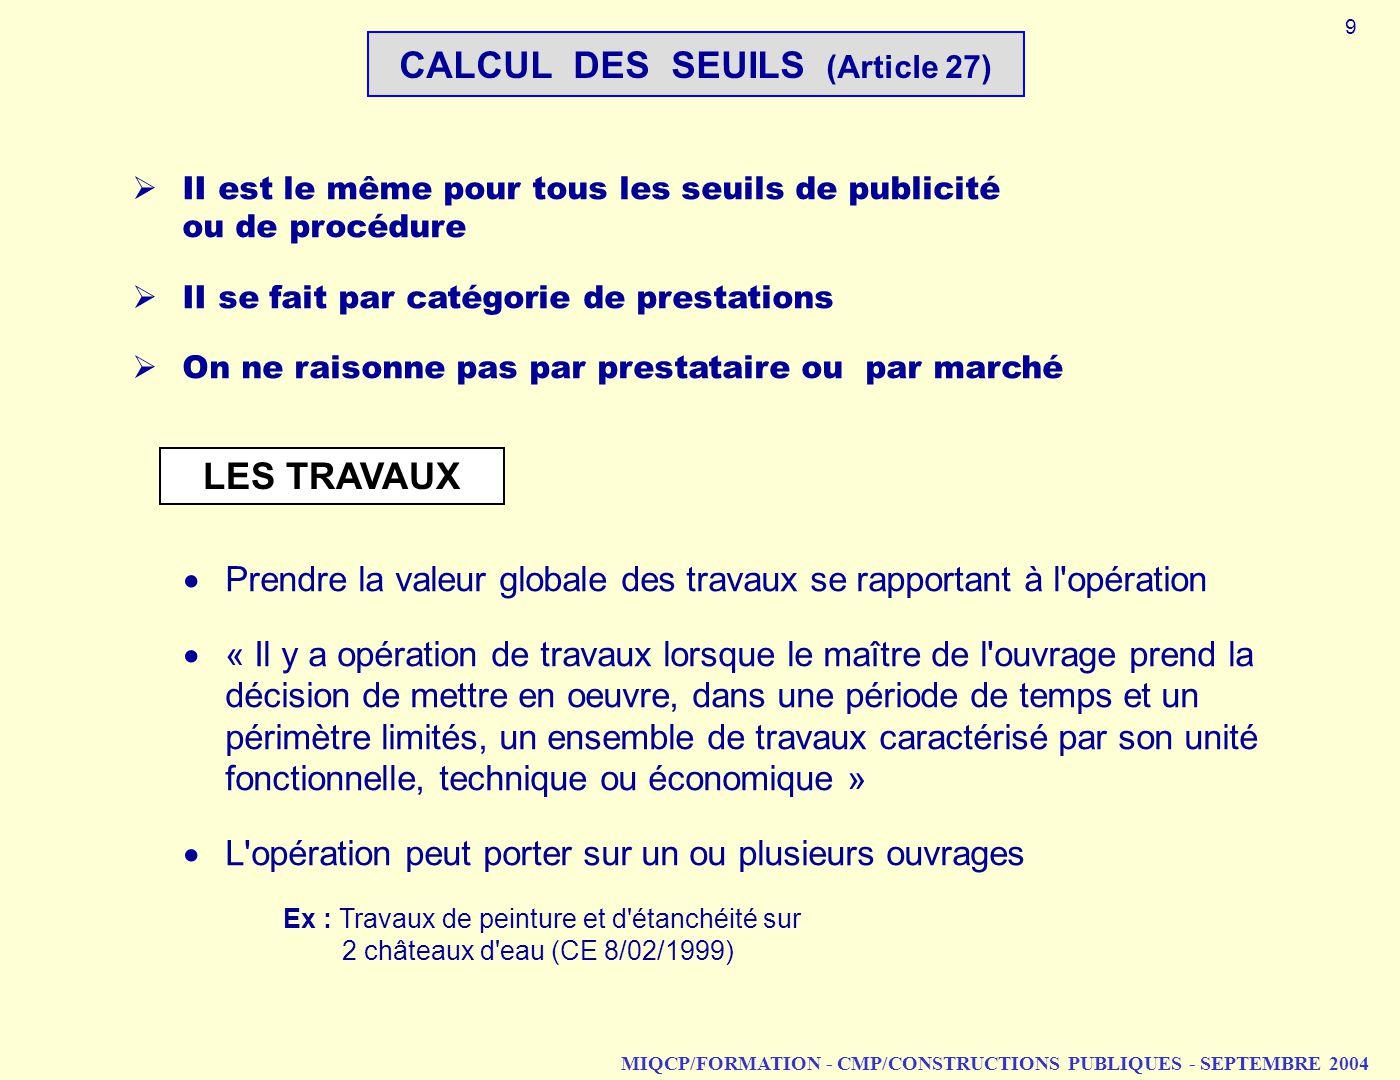 MIQCP/FORMATION - CMP/CONSTRUCTIONS PUBLIQUES - SEPTEMBRE 2004 II est le même pour tous les seuils de publicité ou de procédure II se fait par catégor